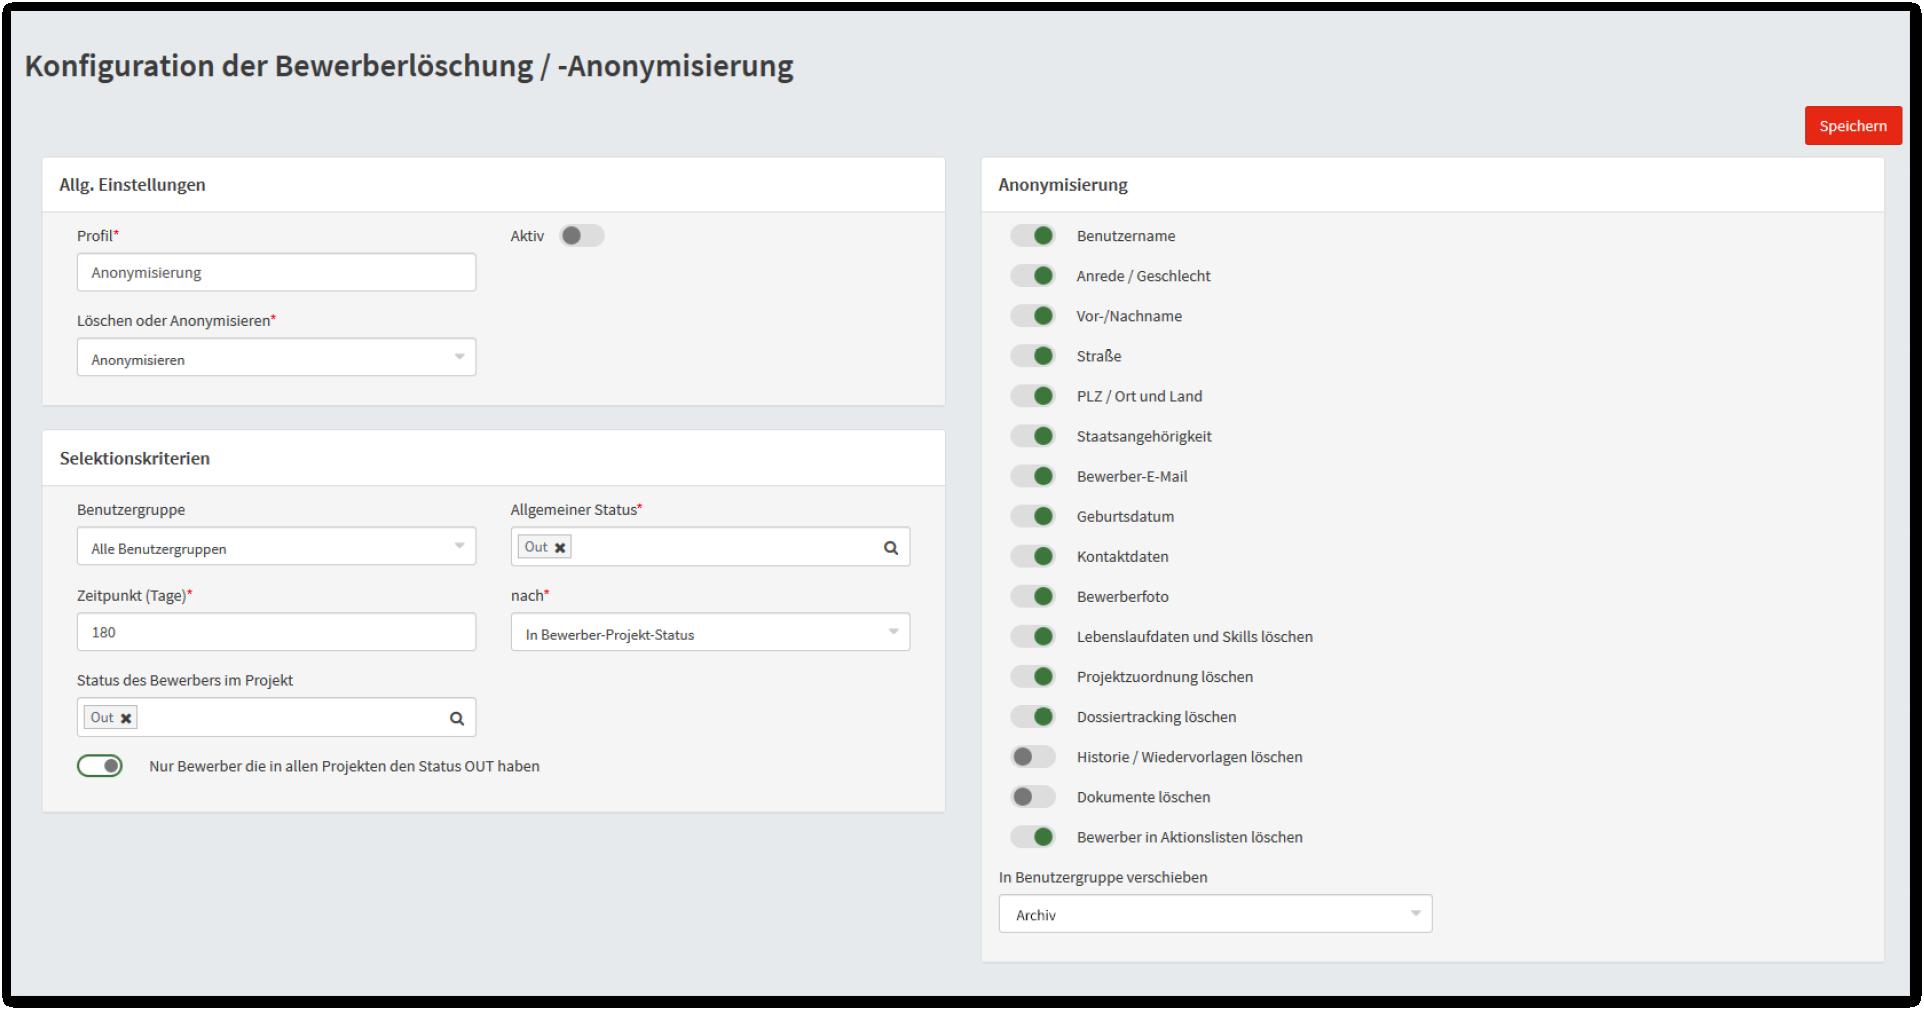 Konfiguration der automatischen Bewerberanonymisierung